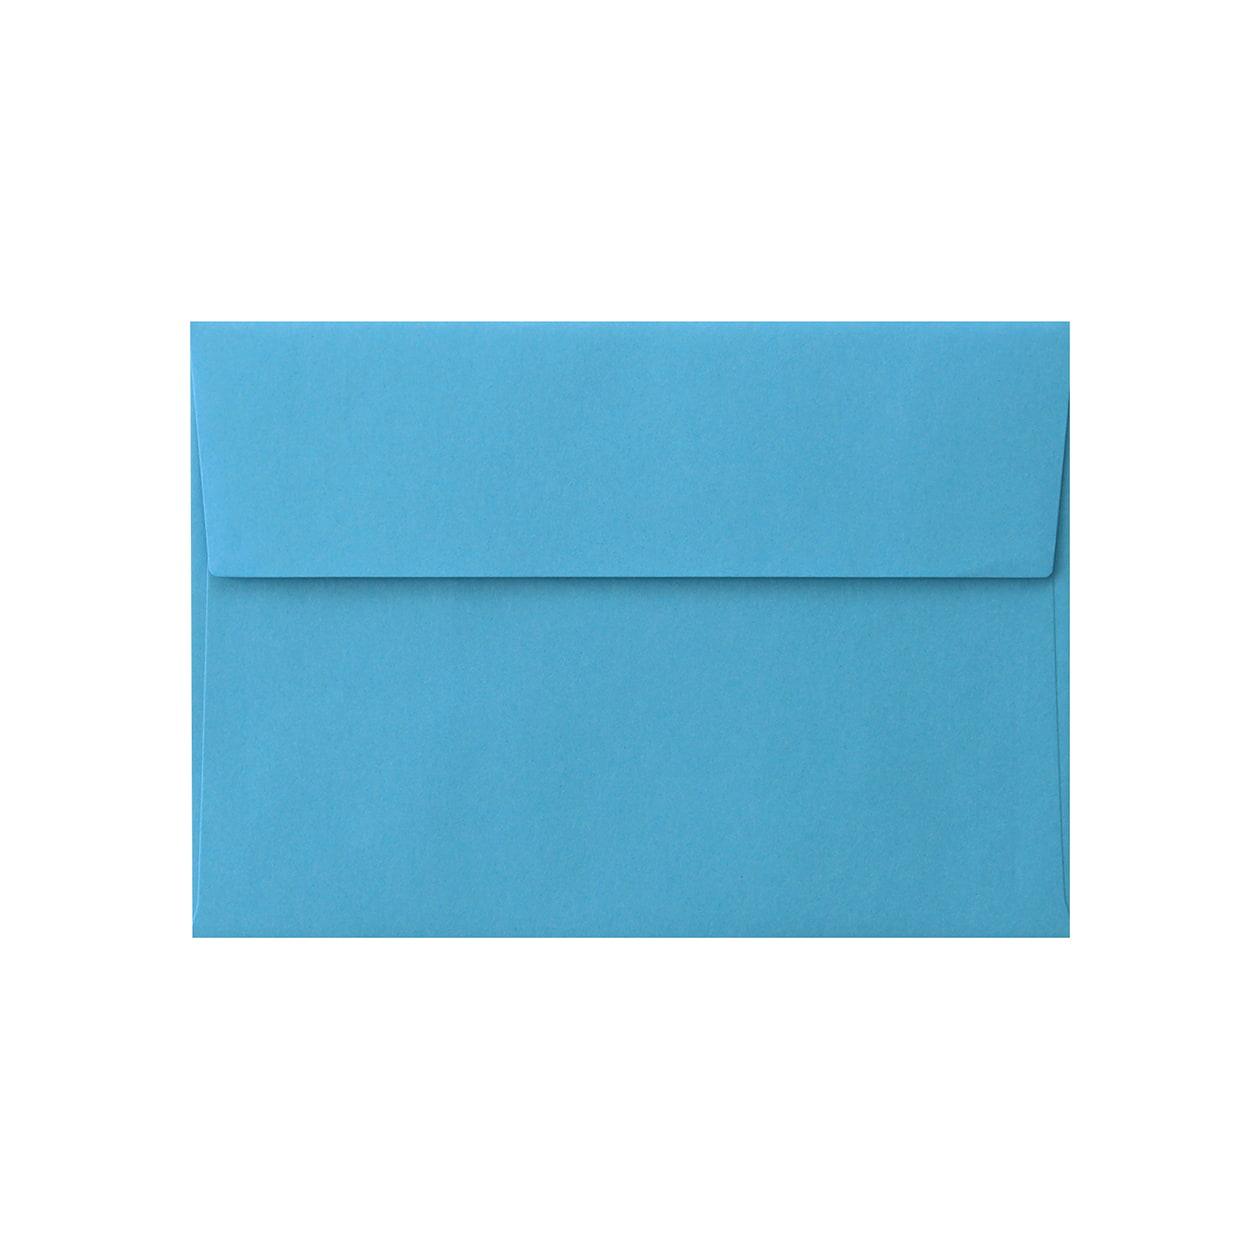 洋2カマス封筒 コニーカラー ブルー 85g